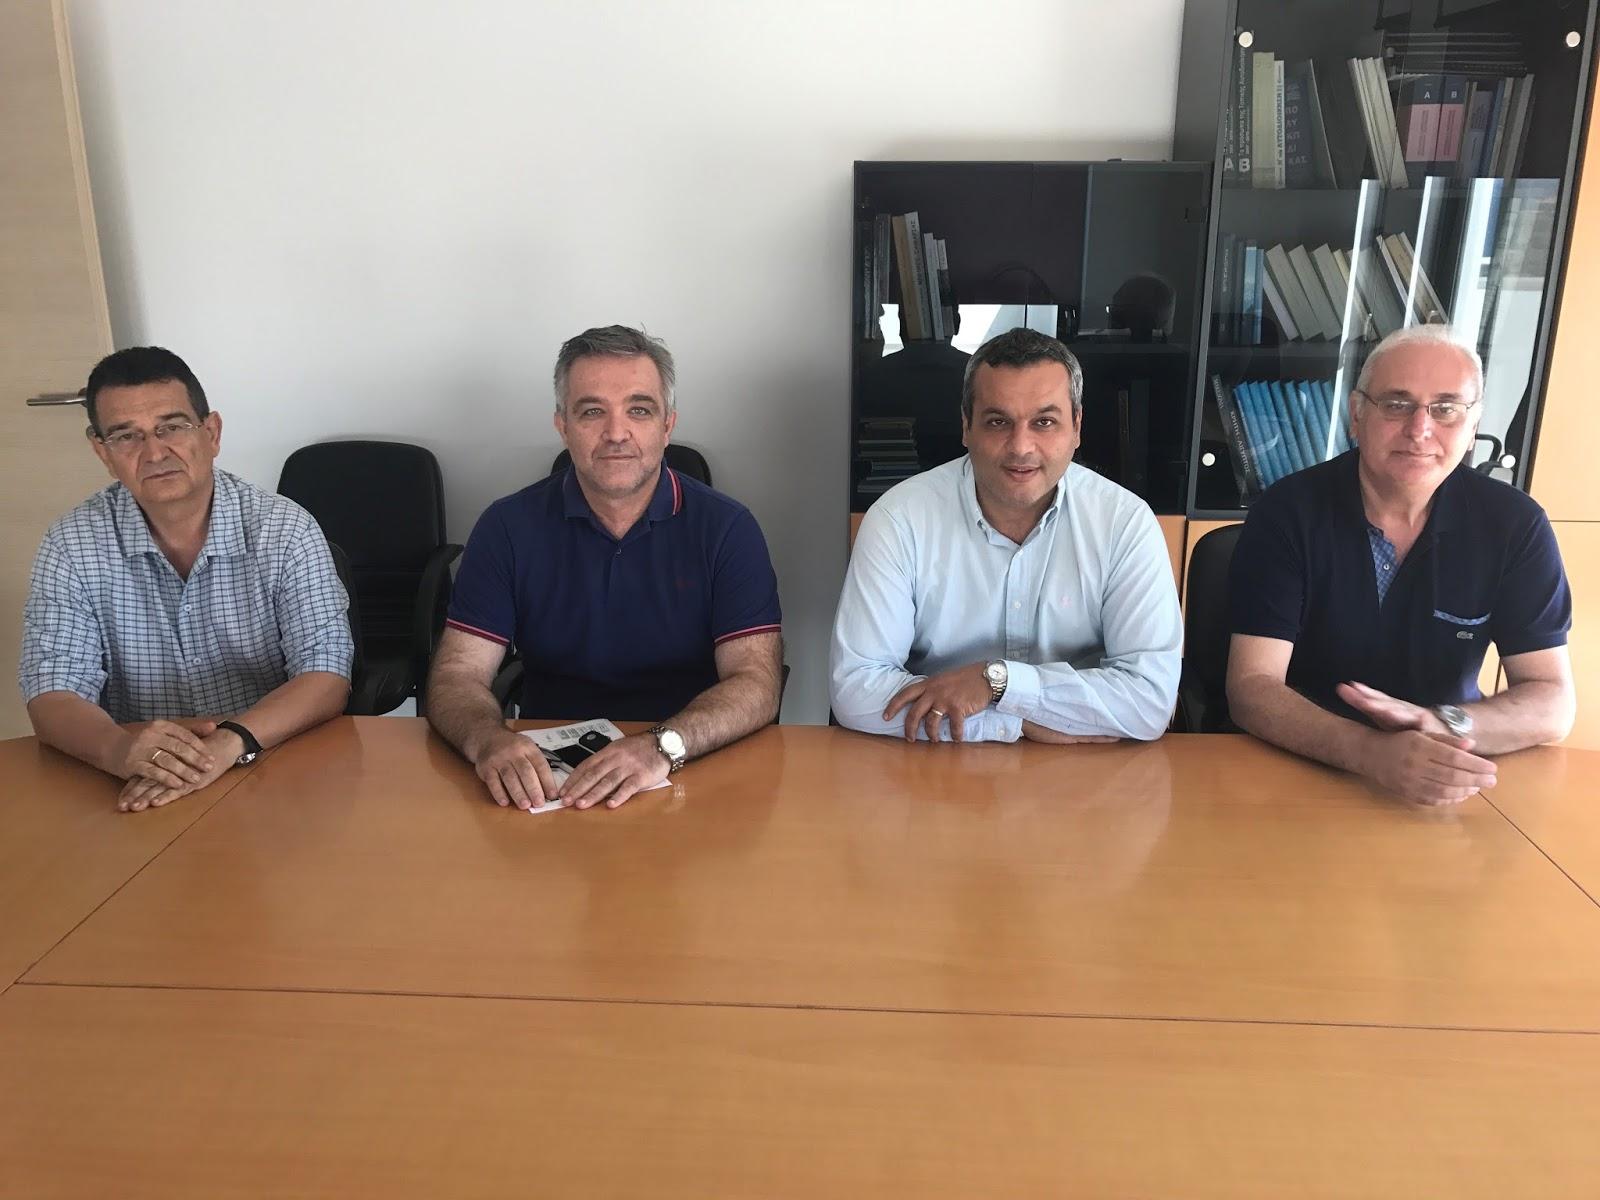 Ξεκινάει το πιλοτικό πρόγραμμα διαχείρισης αστικών ιατρικών αποβλήτων στο Ηράκλειο